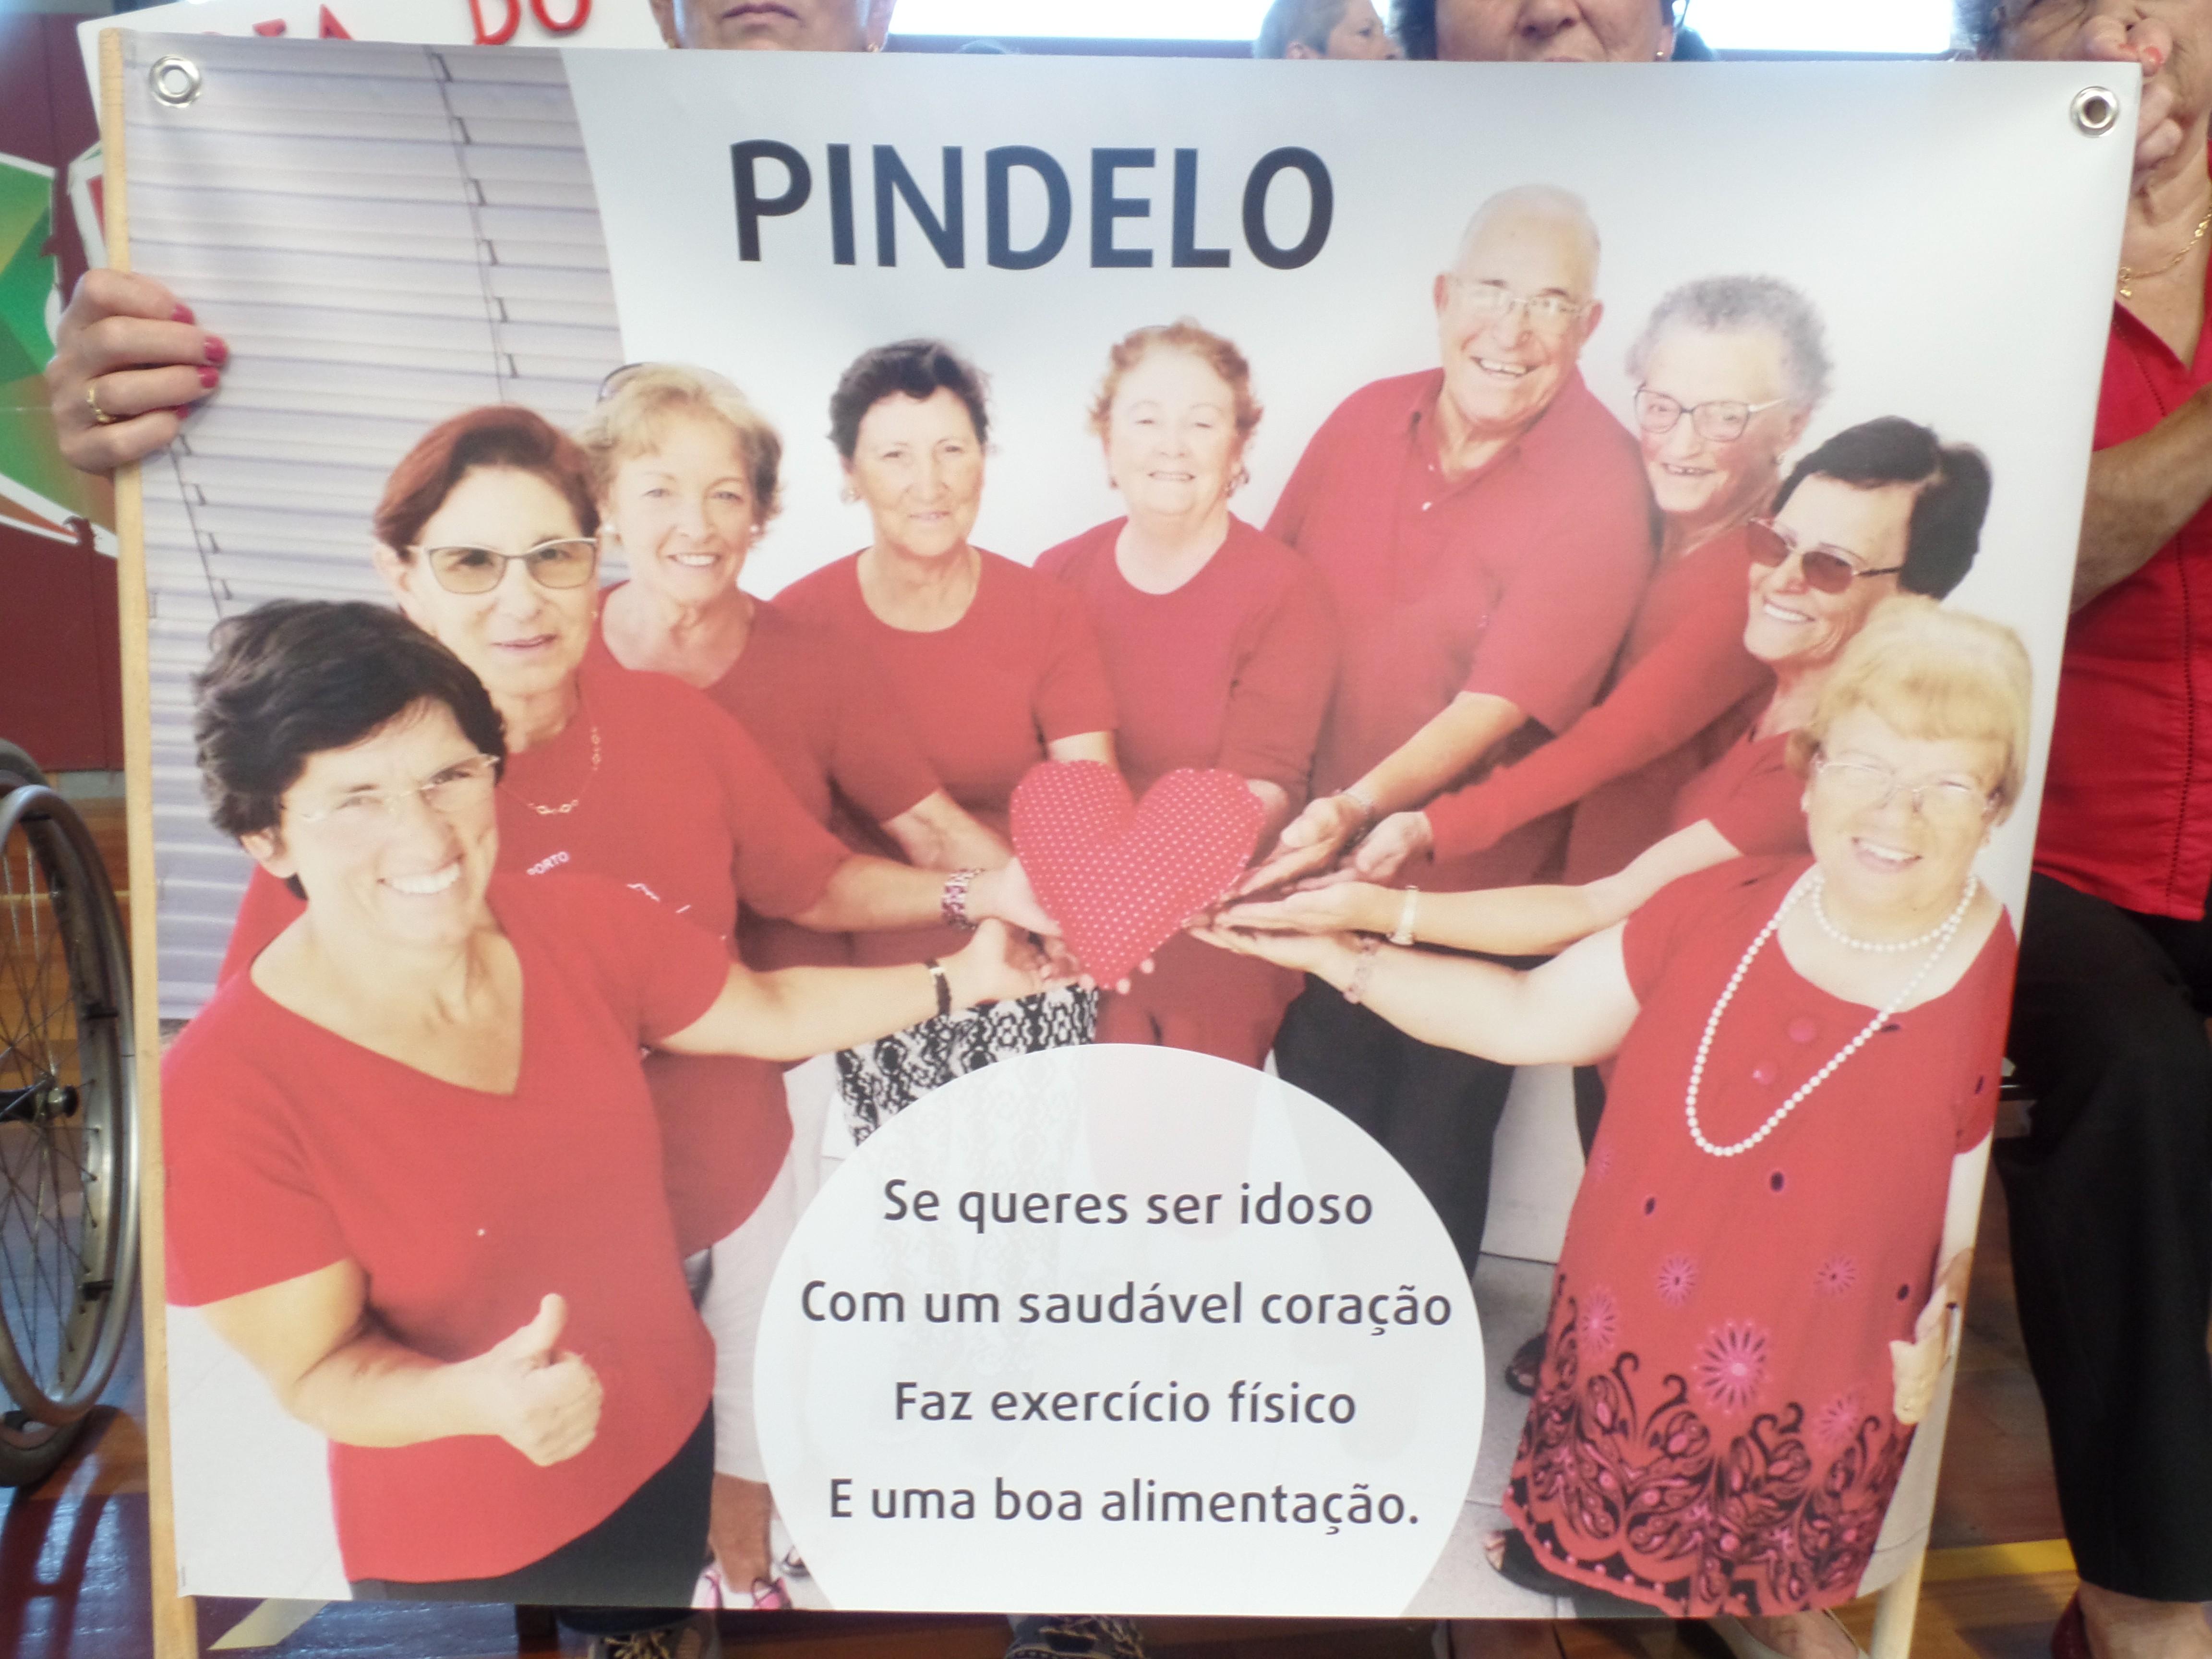 Pindelo